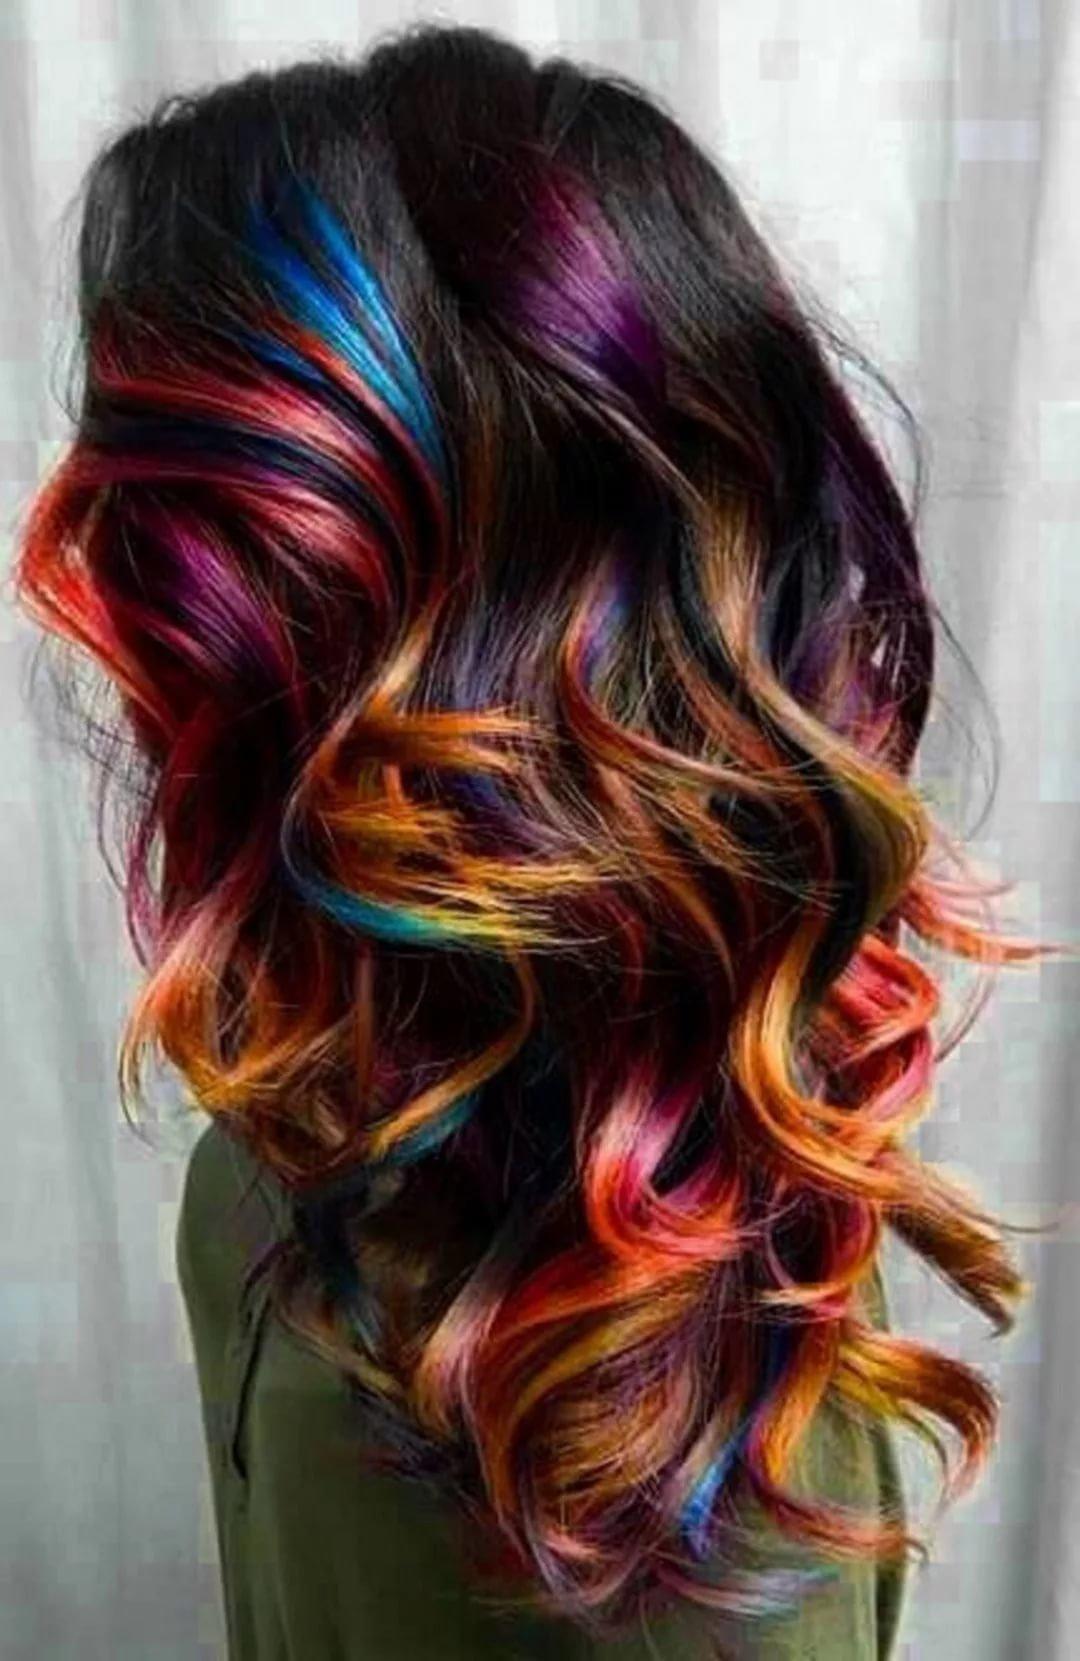 При выборе цветов, в которые будут окрашены пряди, следует учитывать не только веяния моды, но и оттенок кожи.